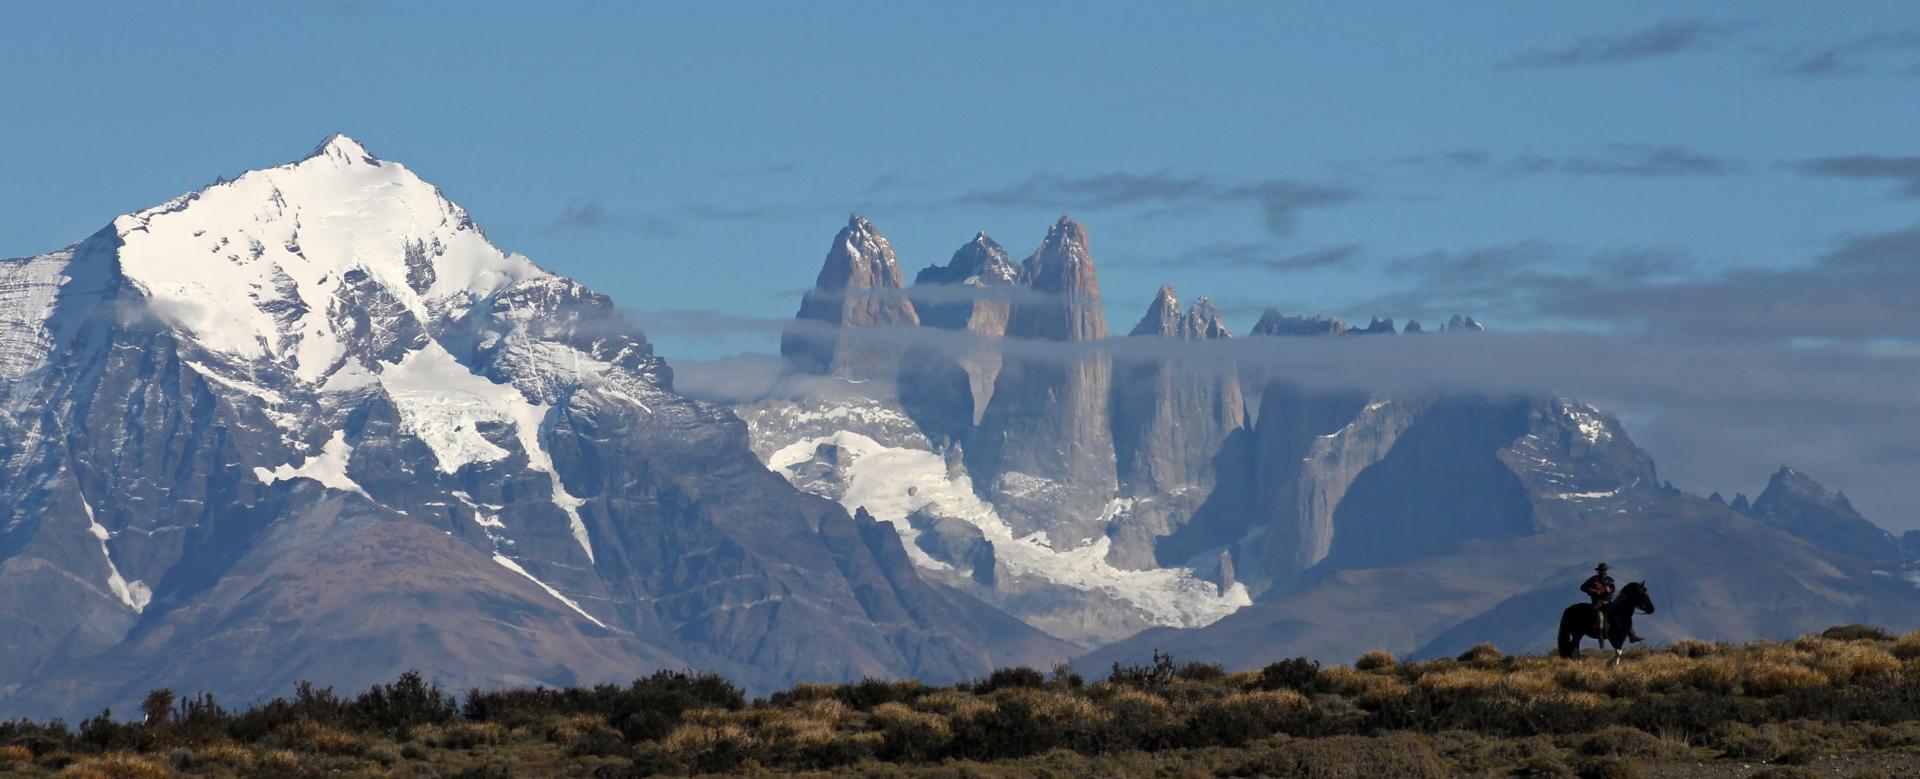 Voyage sur l'eau : Ushuaia, croisière australis et patagonie